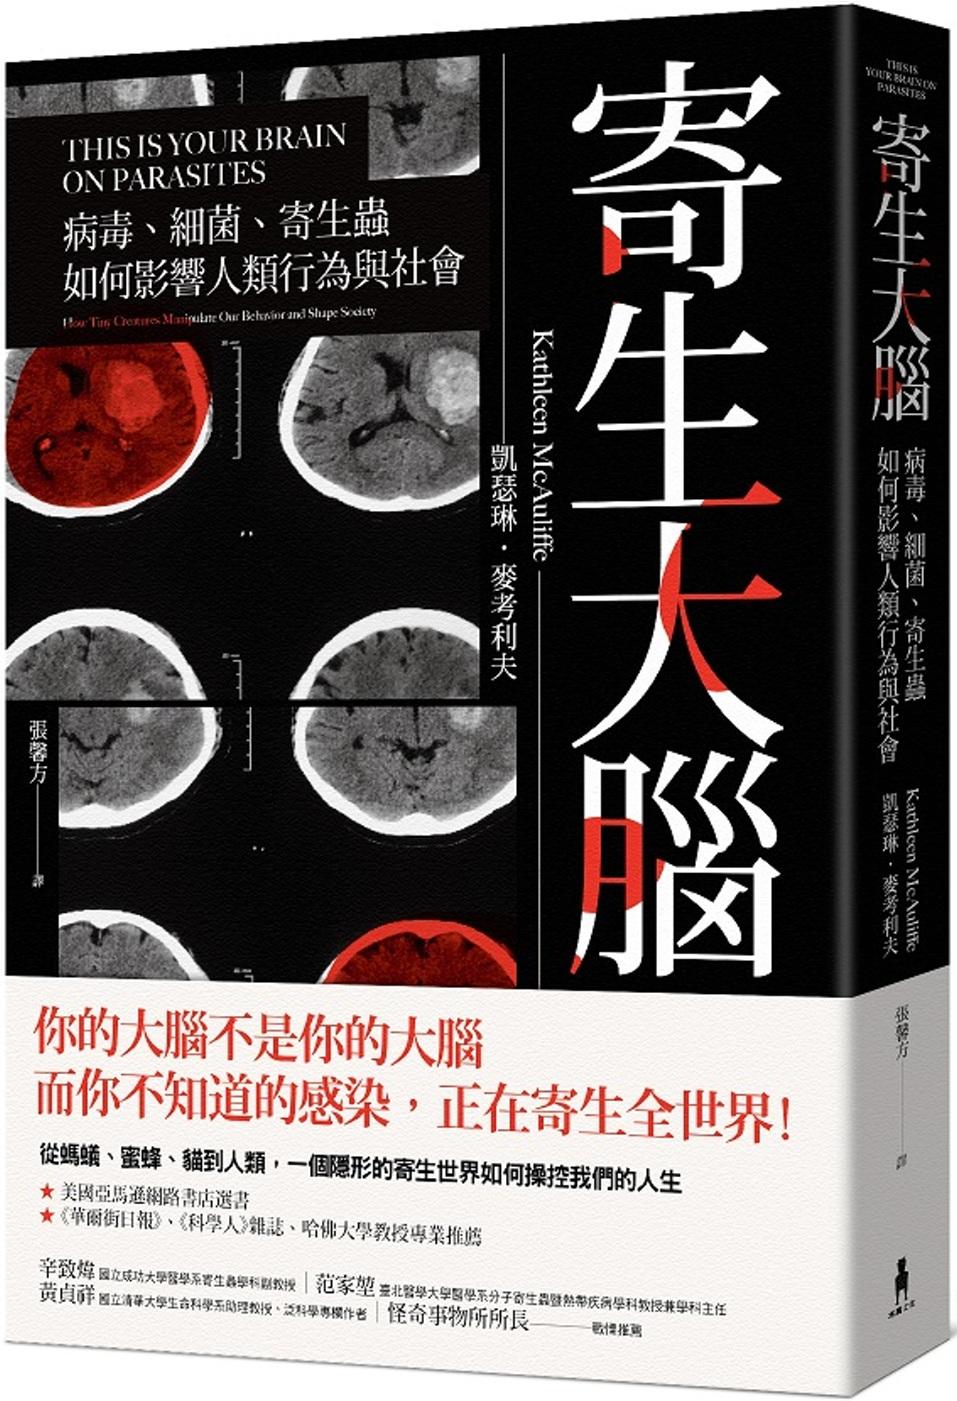 寄生大腦:病毒、細菌、寄生蟲 ...